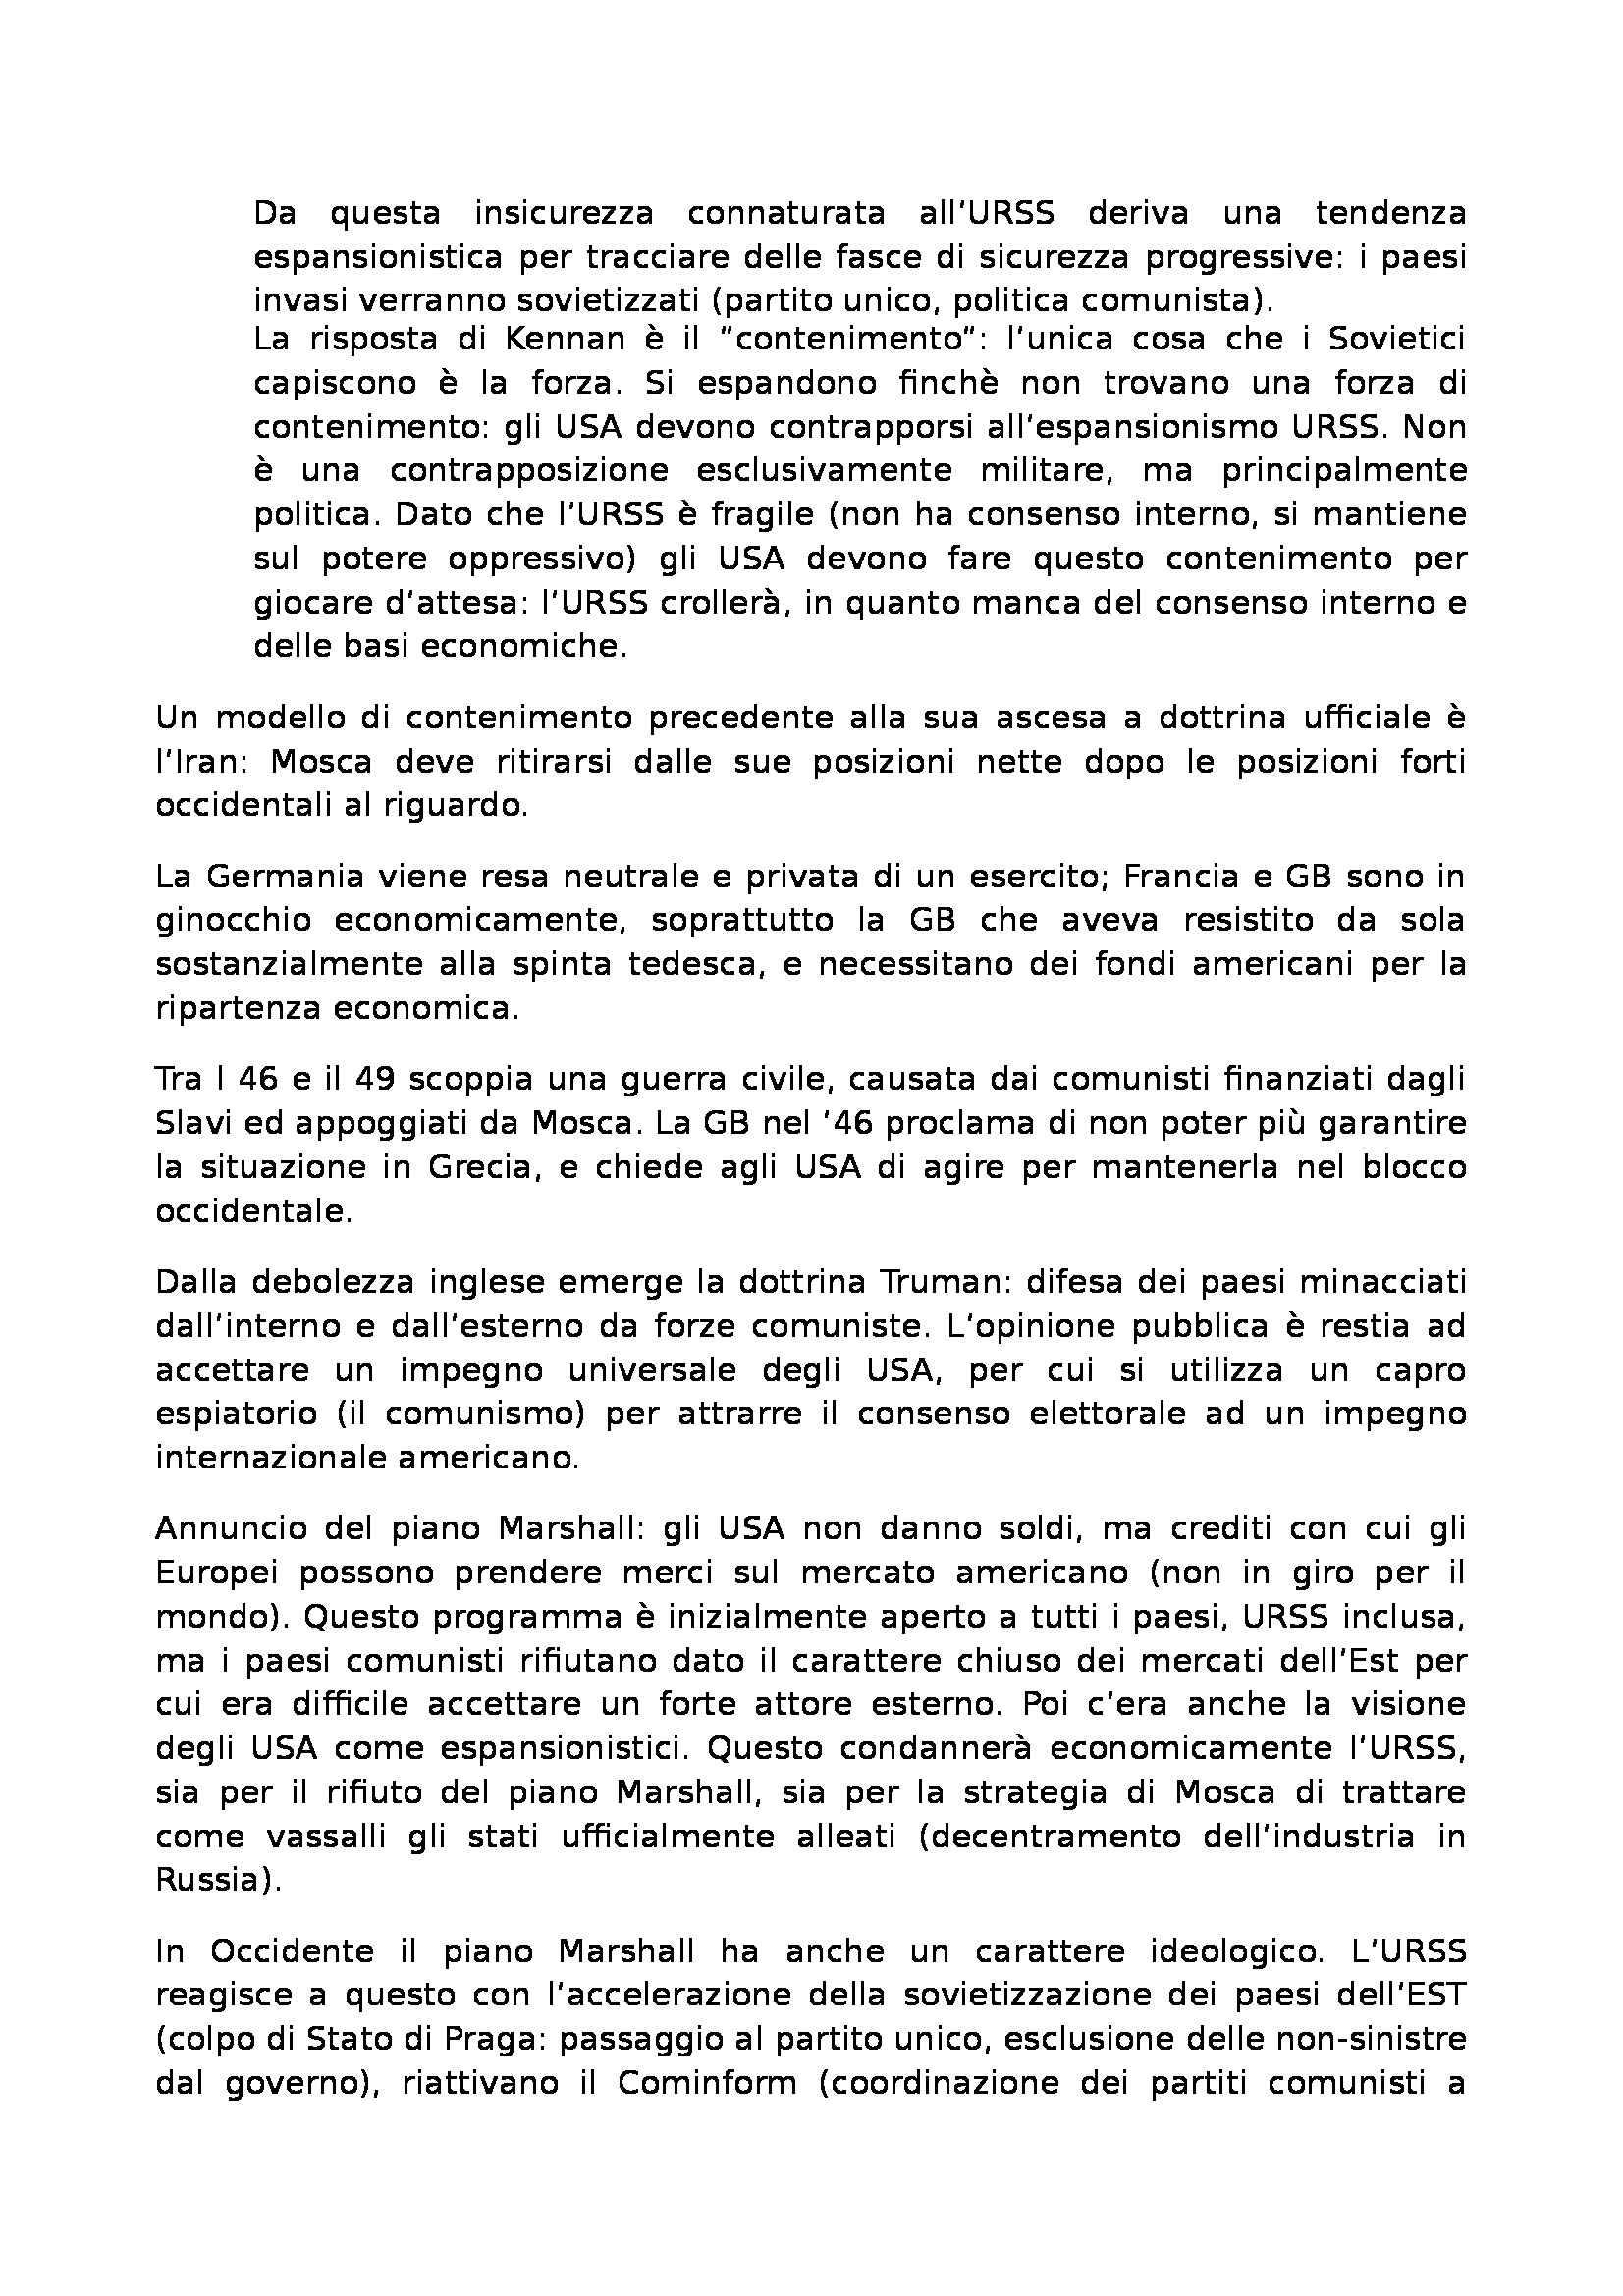 Laboratorio di storia delle relazioni euro atlantiche - Appunti Pag. 41